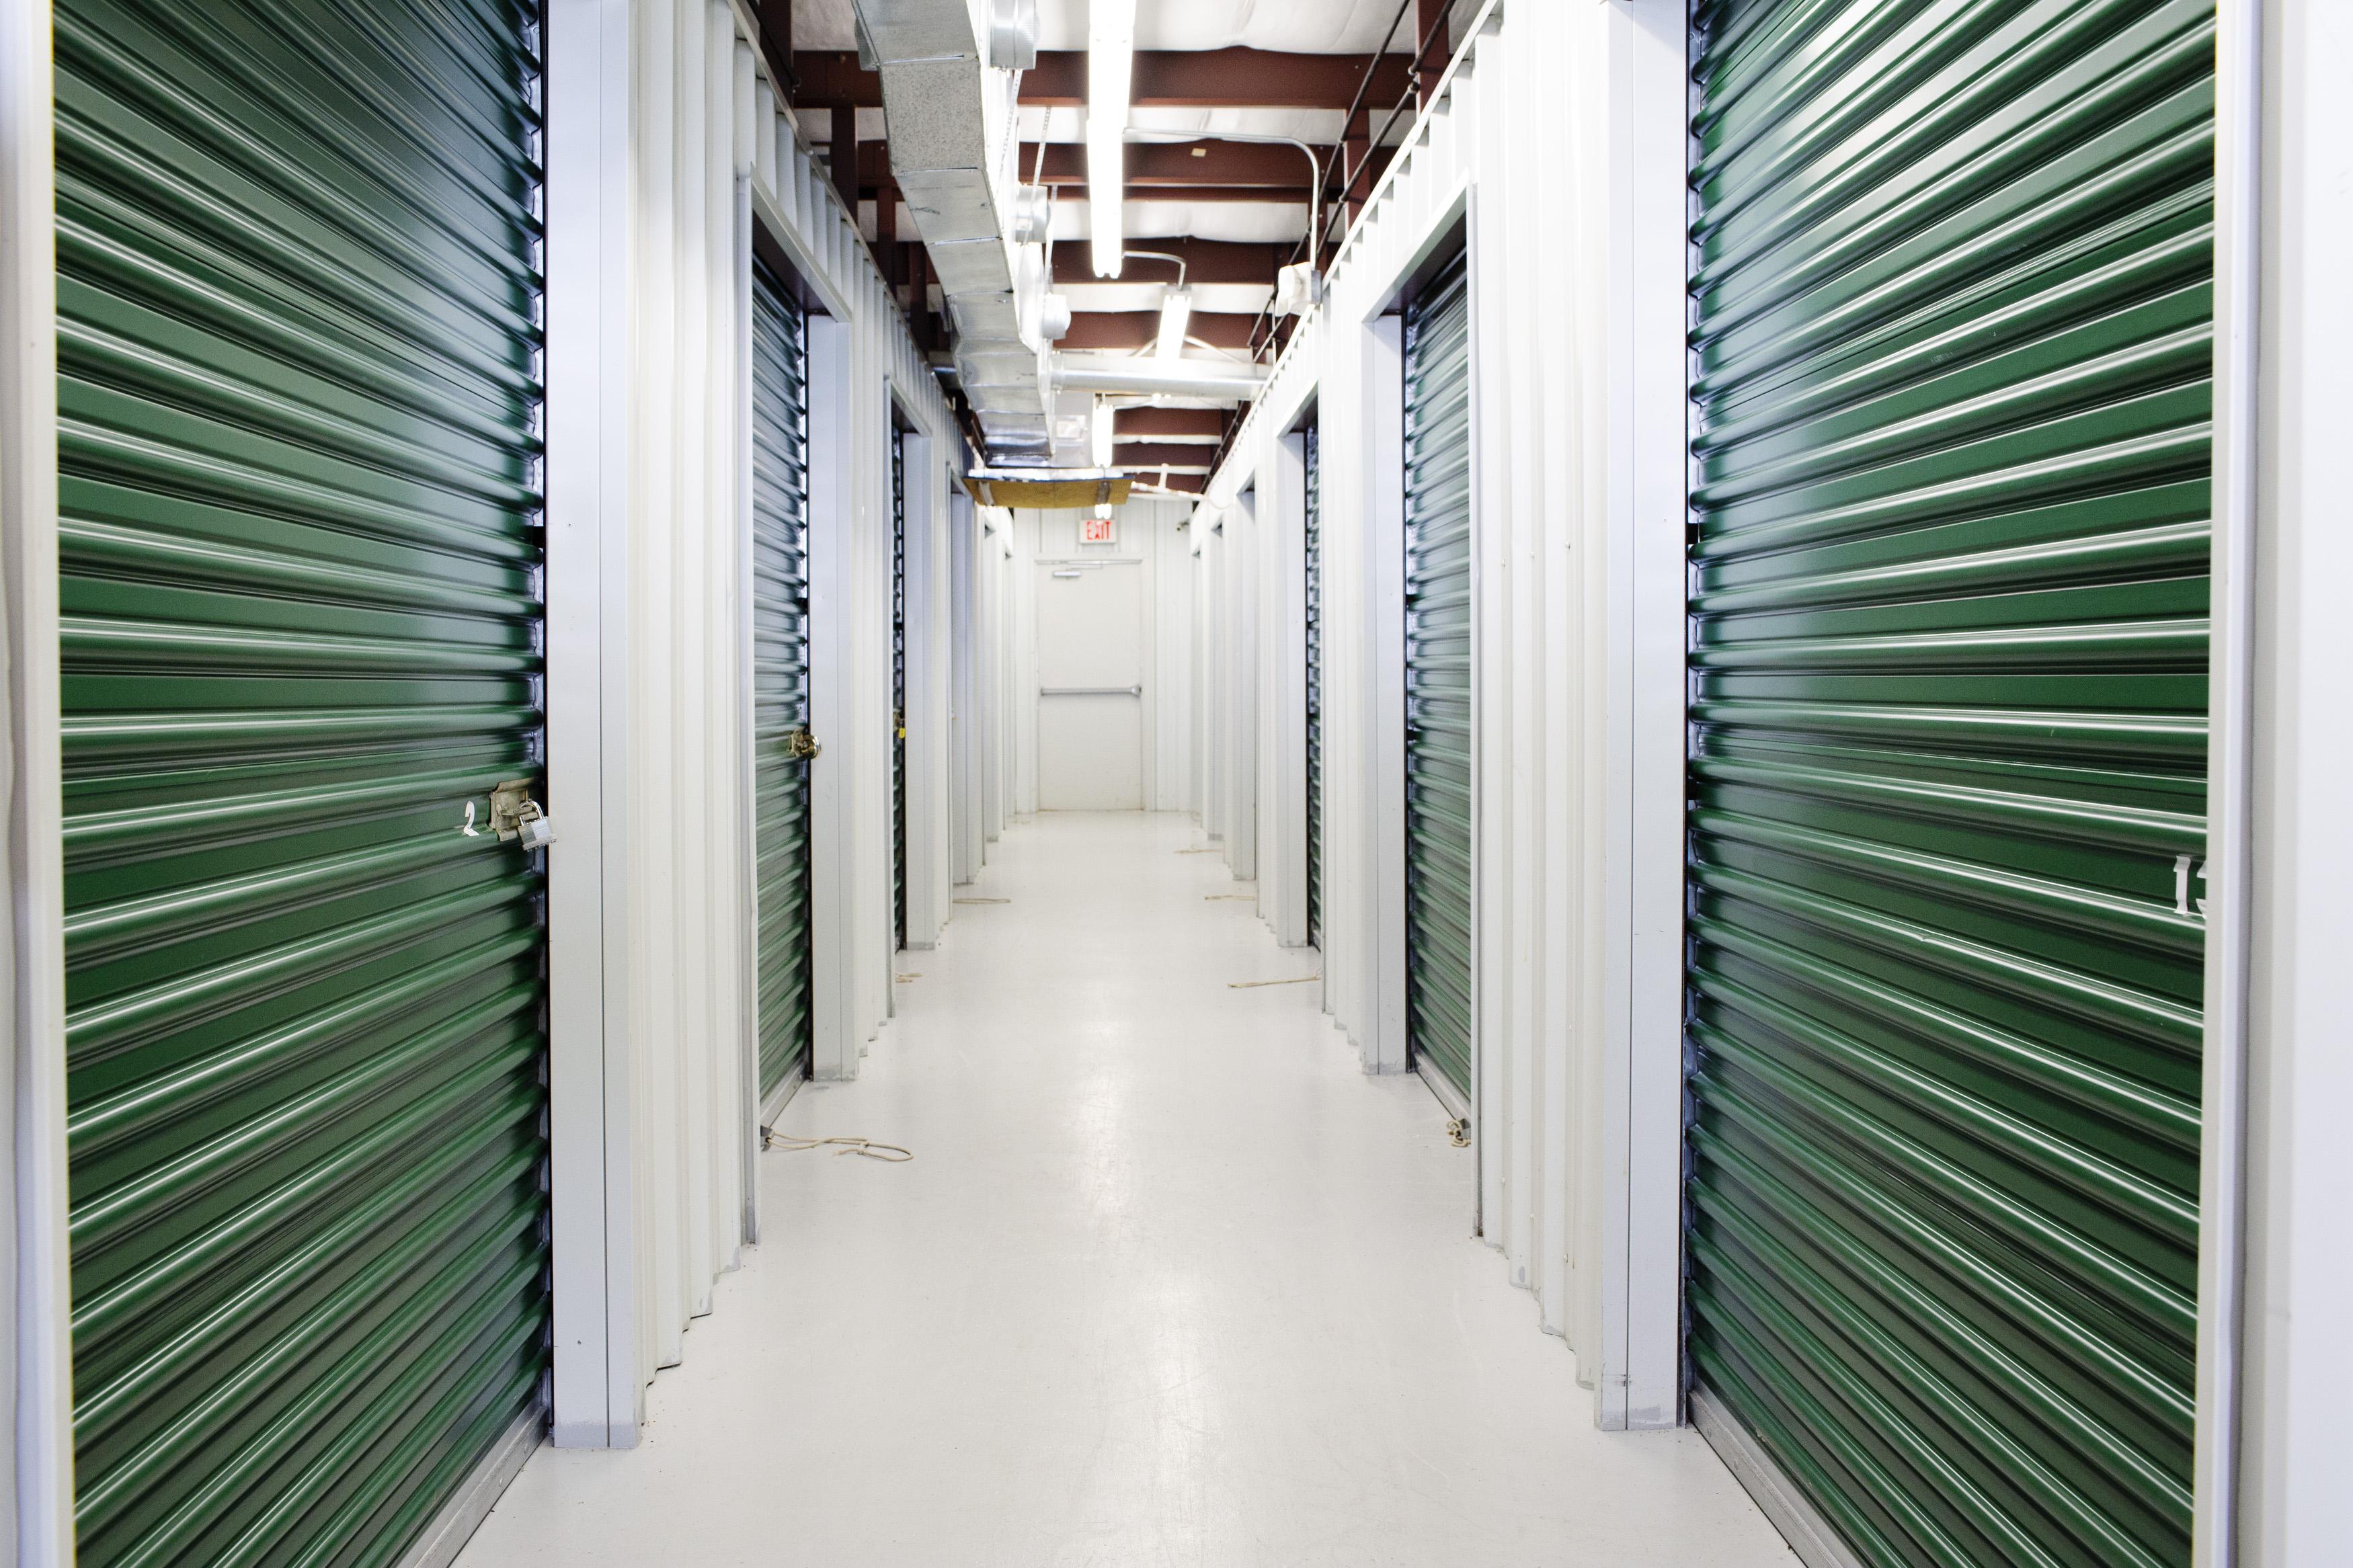 Interior access storage units in Baton Rouge, LA